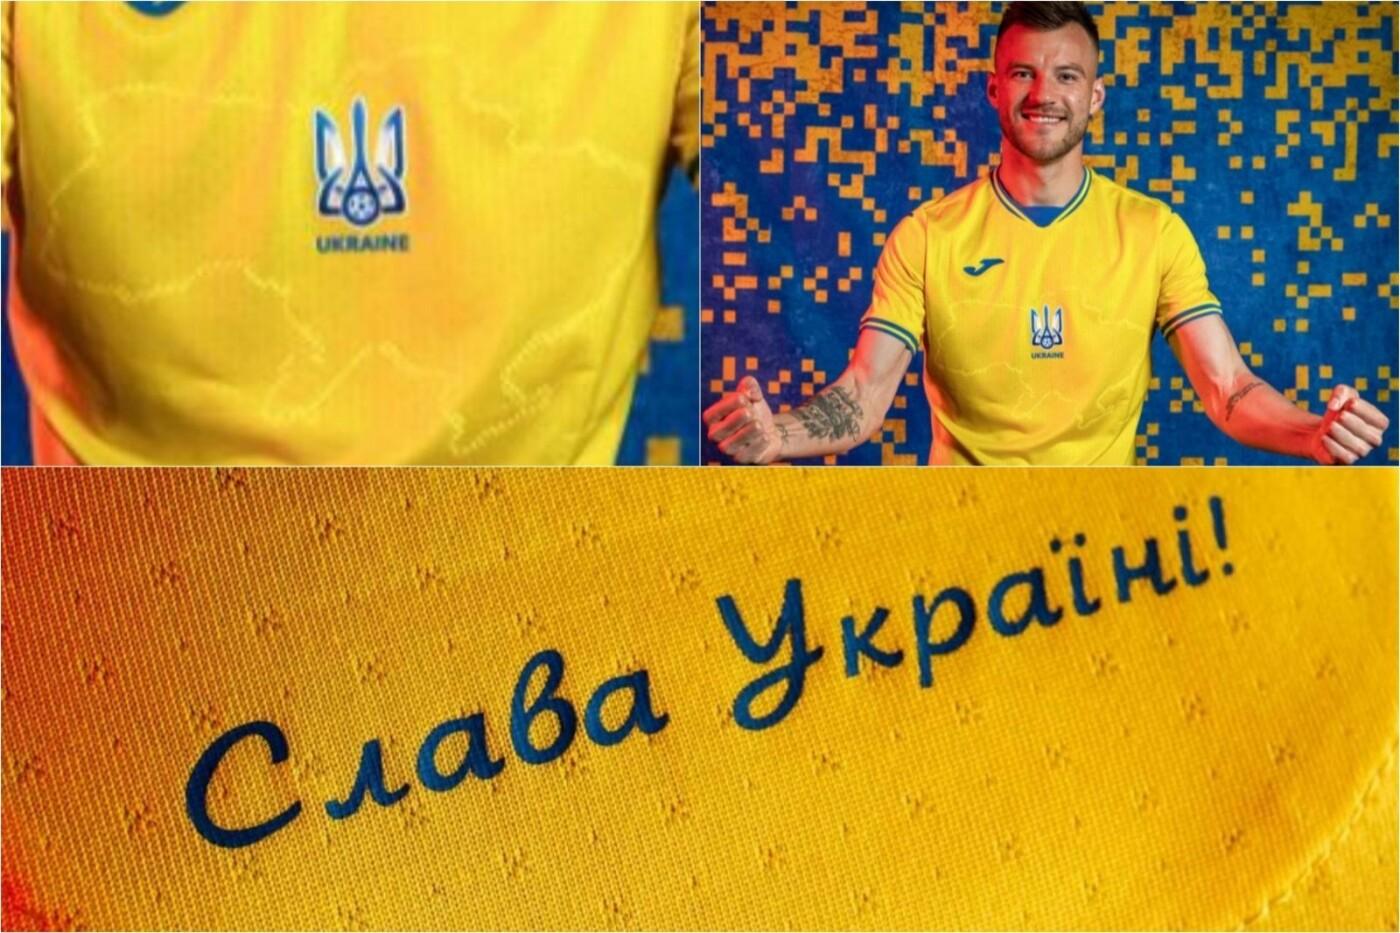 Новая форма сборной Украины: в Днепре Зеленский одобрил, а в Москве Путин не ликует , фото-1